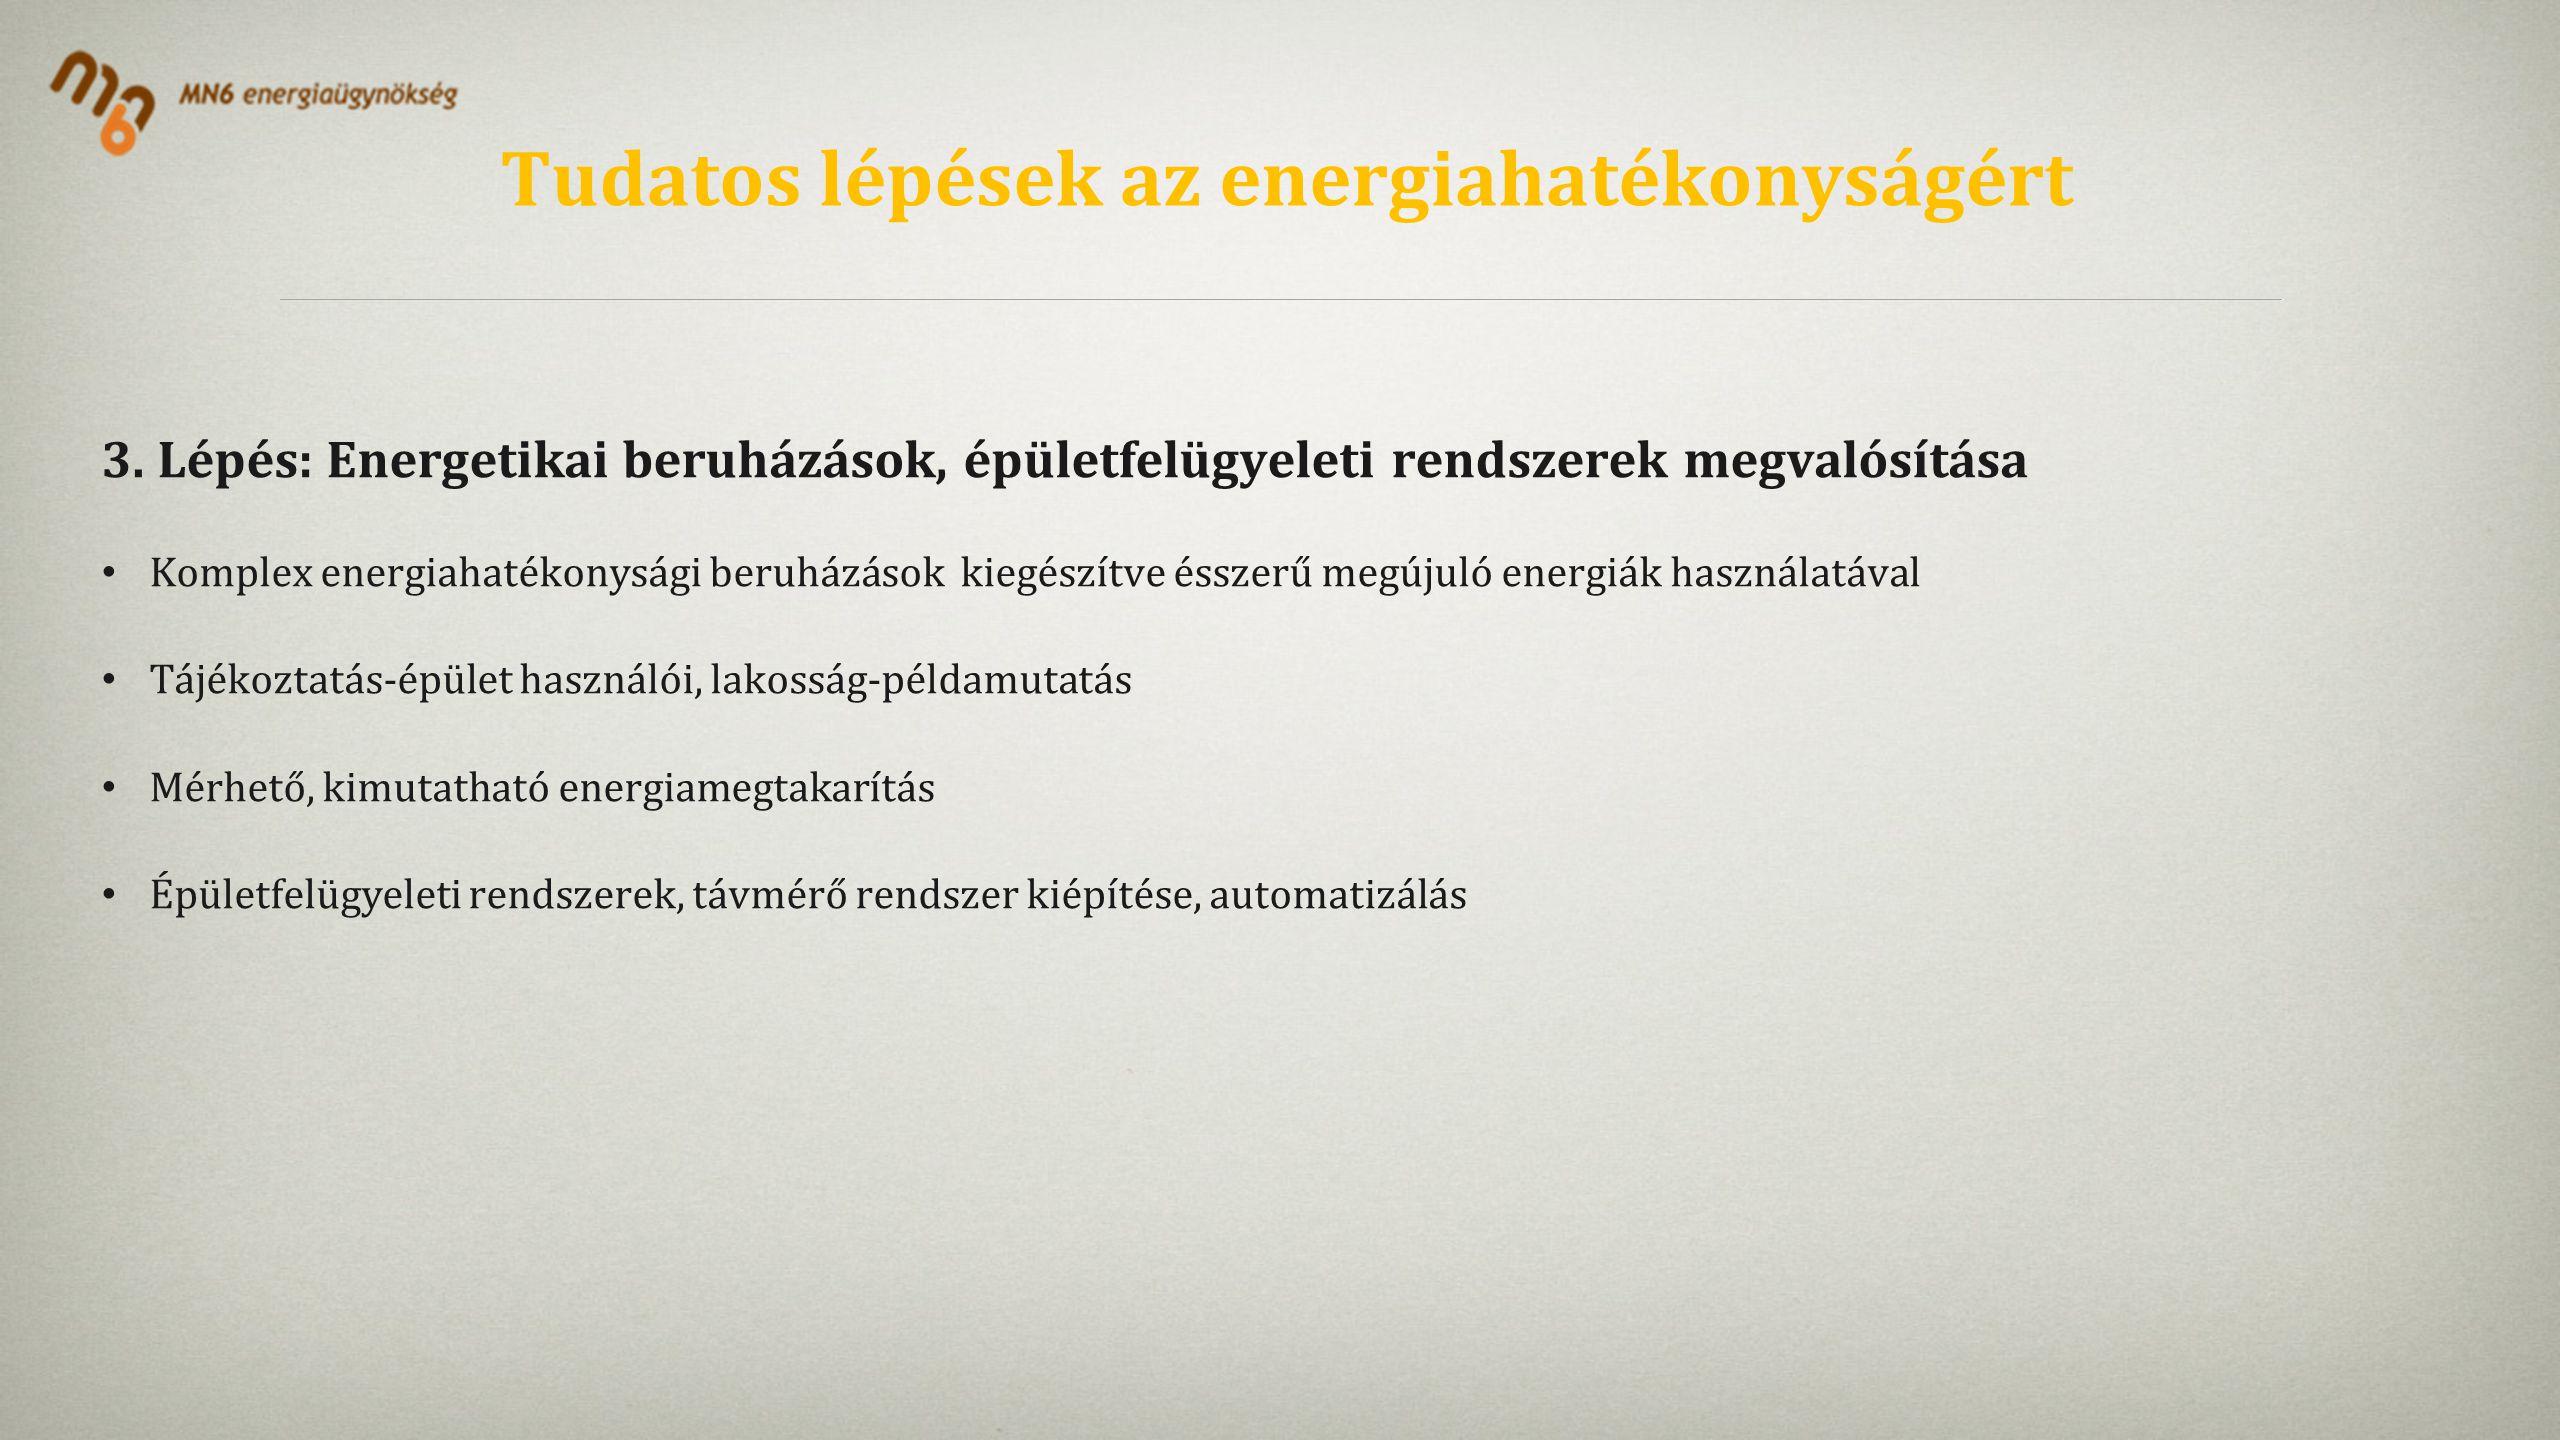 Referenciáink •Appeninn Ingatlanalap irodaházainak energetikai átvilágítása, fejlesztési terv készítése • Államigazgatási intézmények energetikai auditja, tanúsítása •Kommunikációs programok kidolgozása és koordinációja az energiatudatos szemlélet kialakítására irodaházakban, középületekben •EU épületenergetikai projektek koordinálása •Önkormányzati intézmények energiagazdálkodási projektjeinek kidolgozása